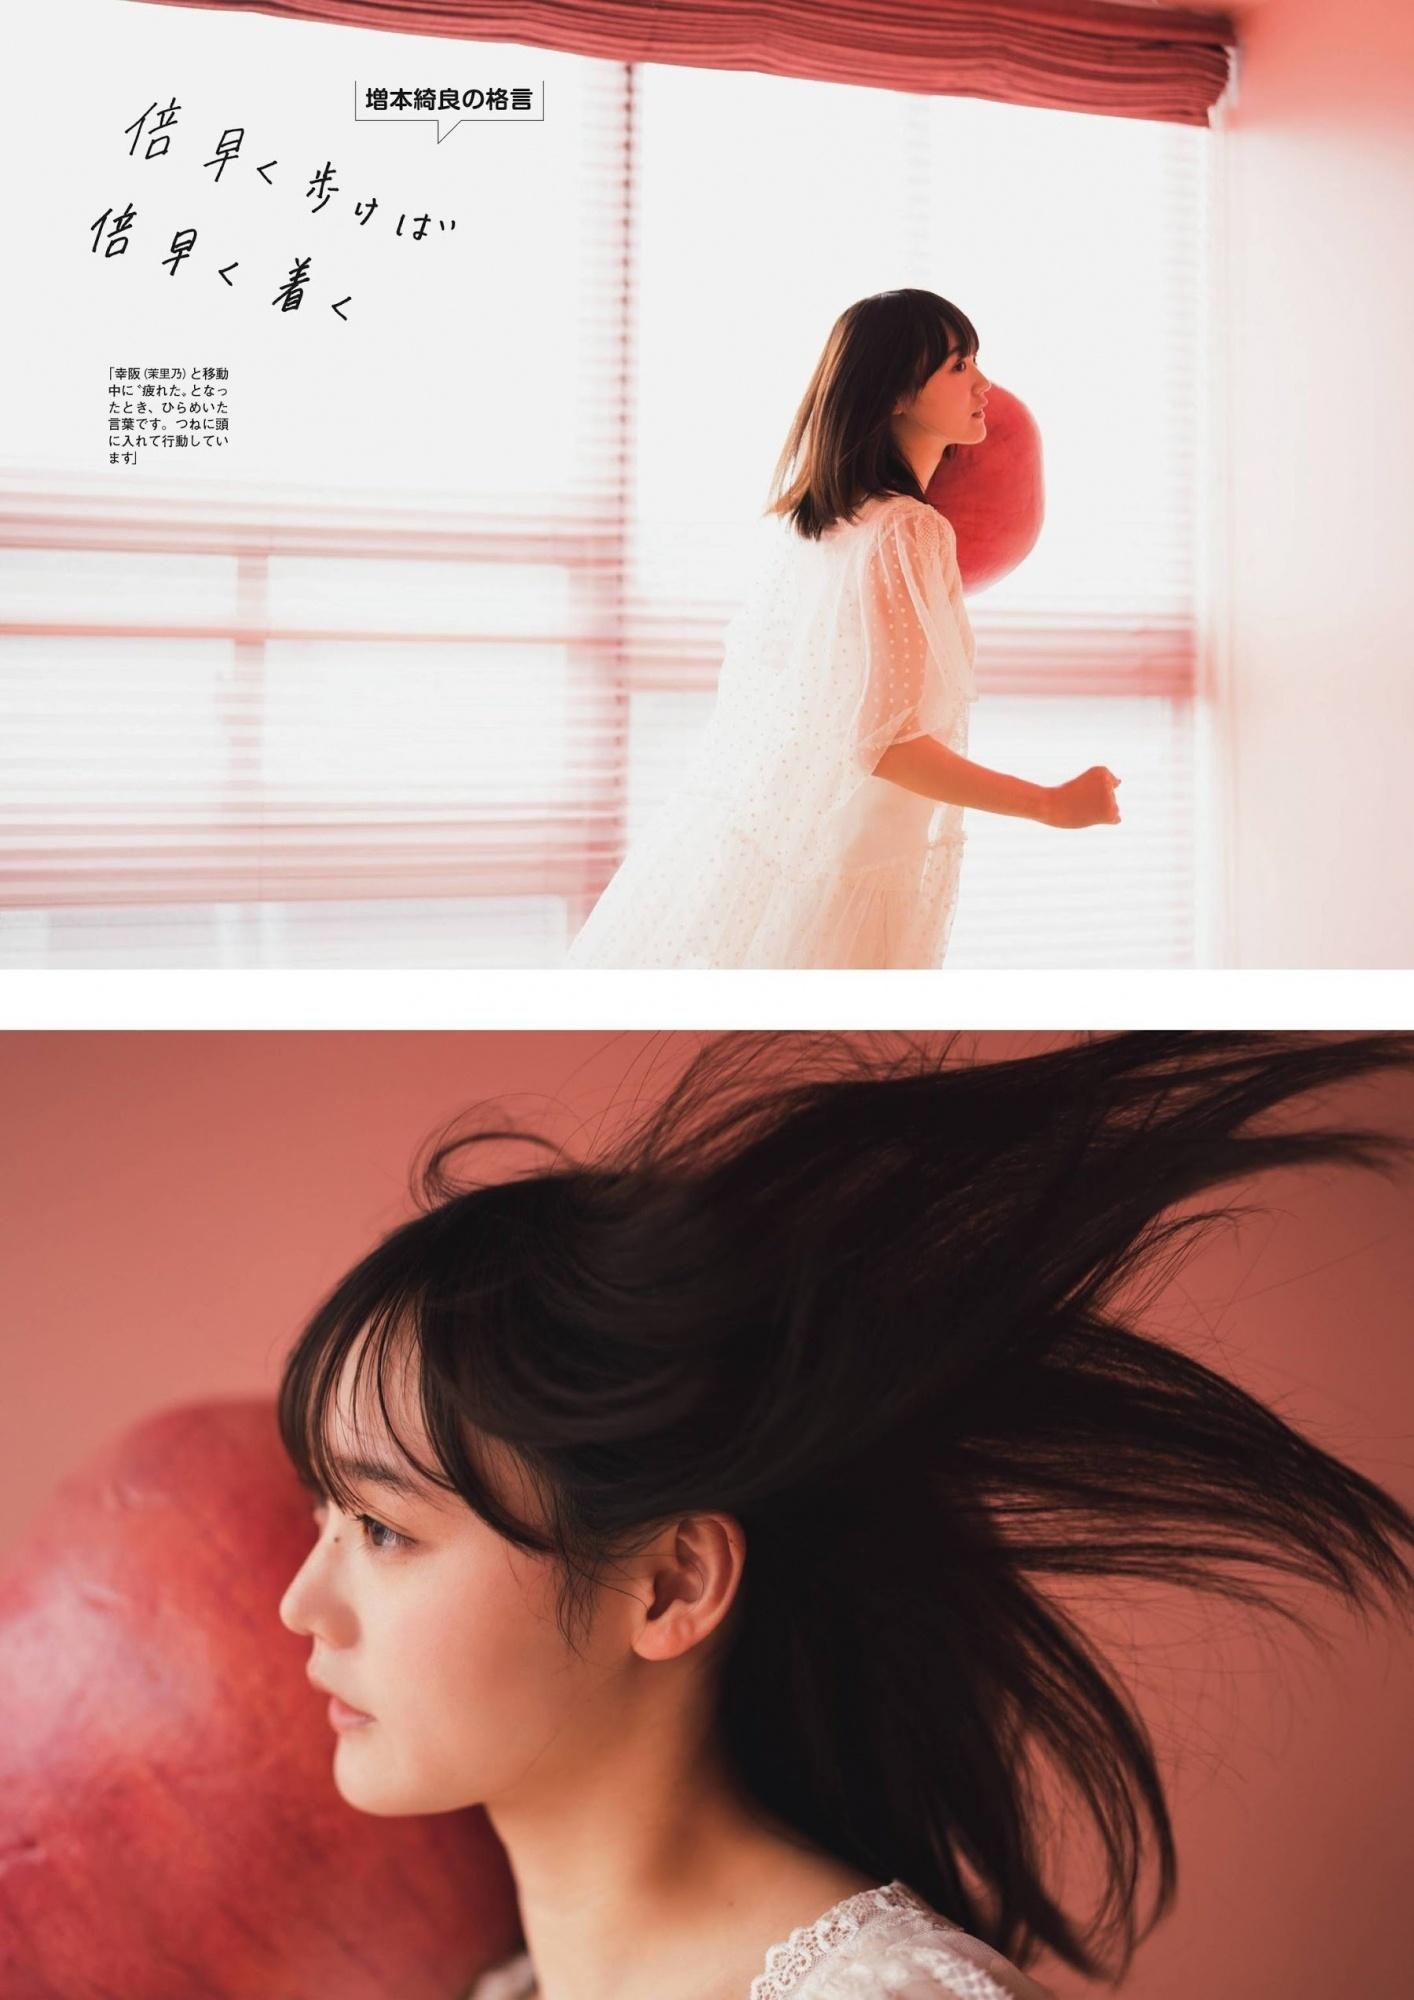 樱坂46「増本绮良」空灵气质宛如童话故事仙女般梦幻浅浅微笑蕴含致命吸引力-新图包